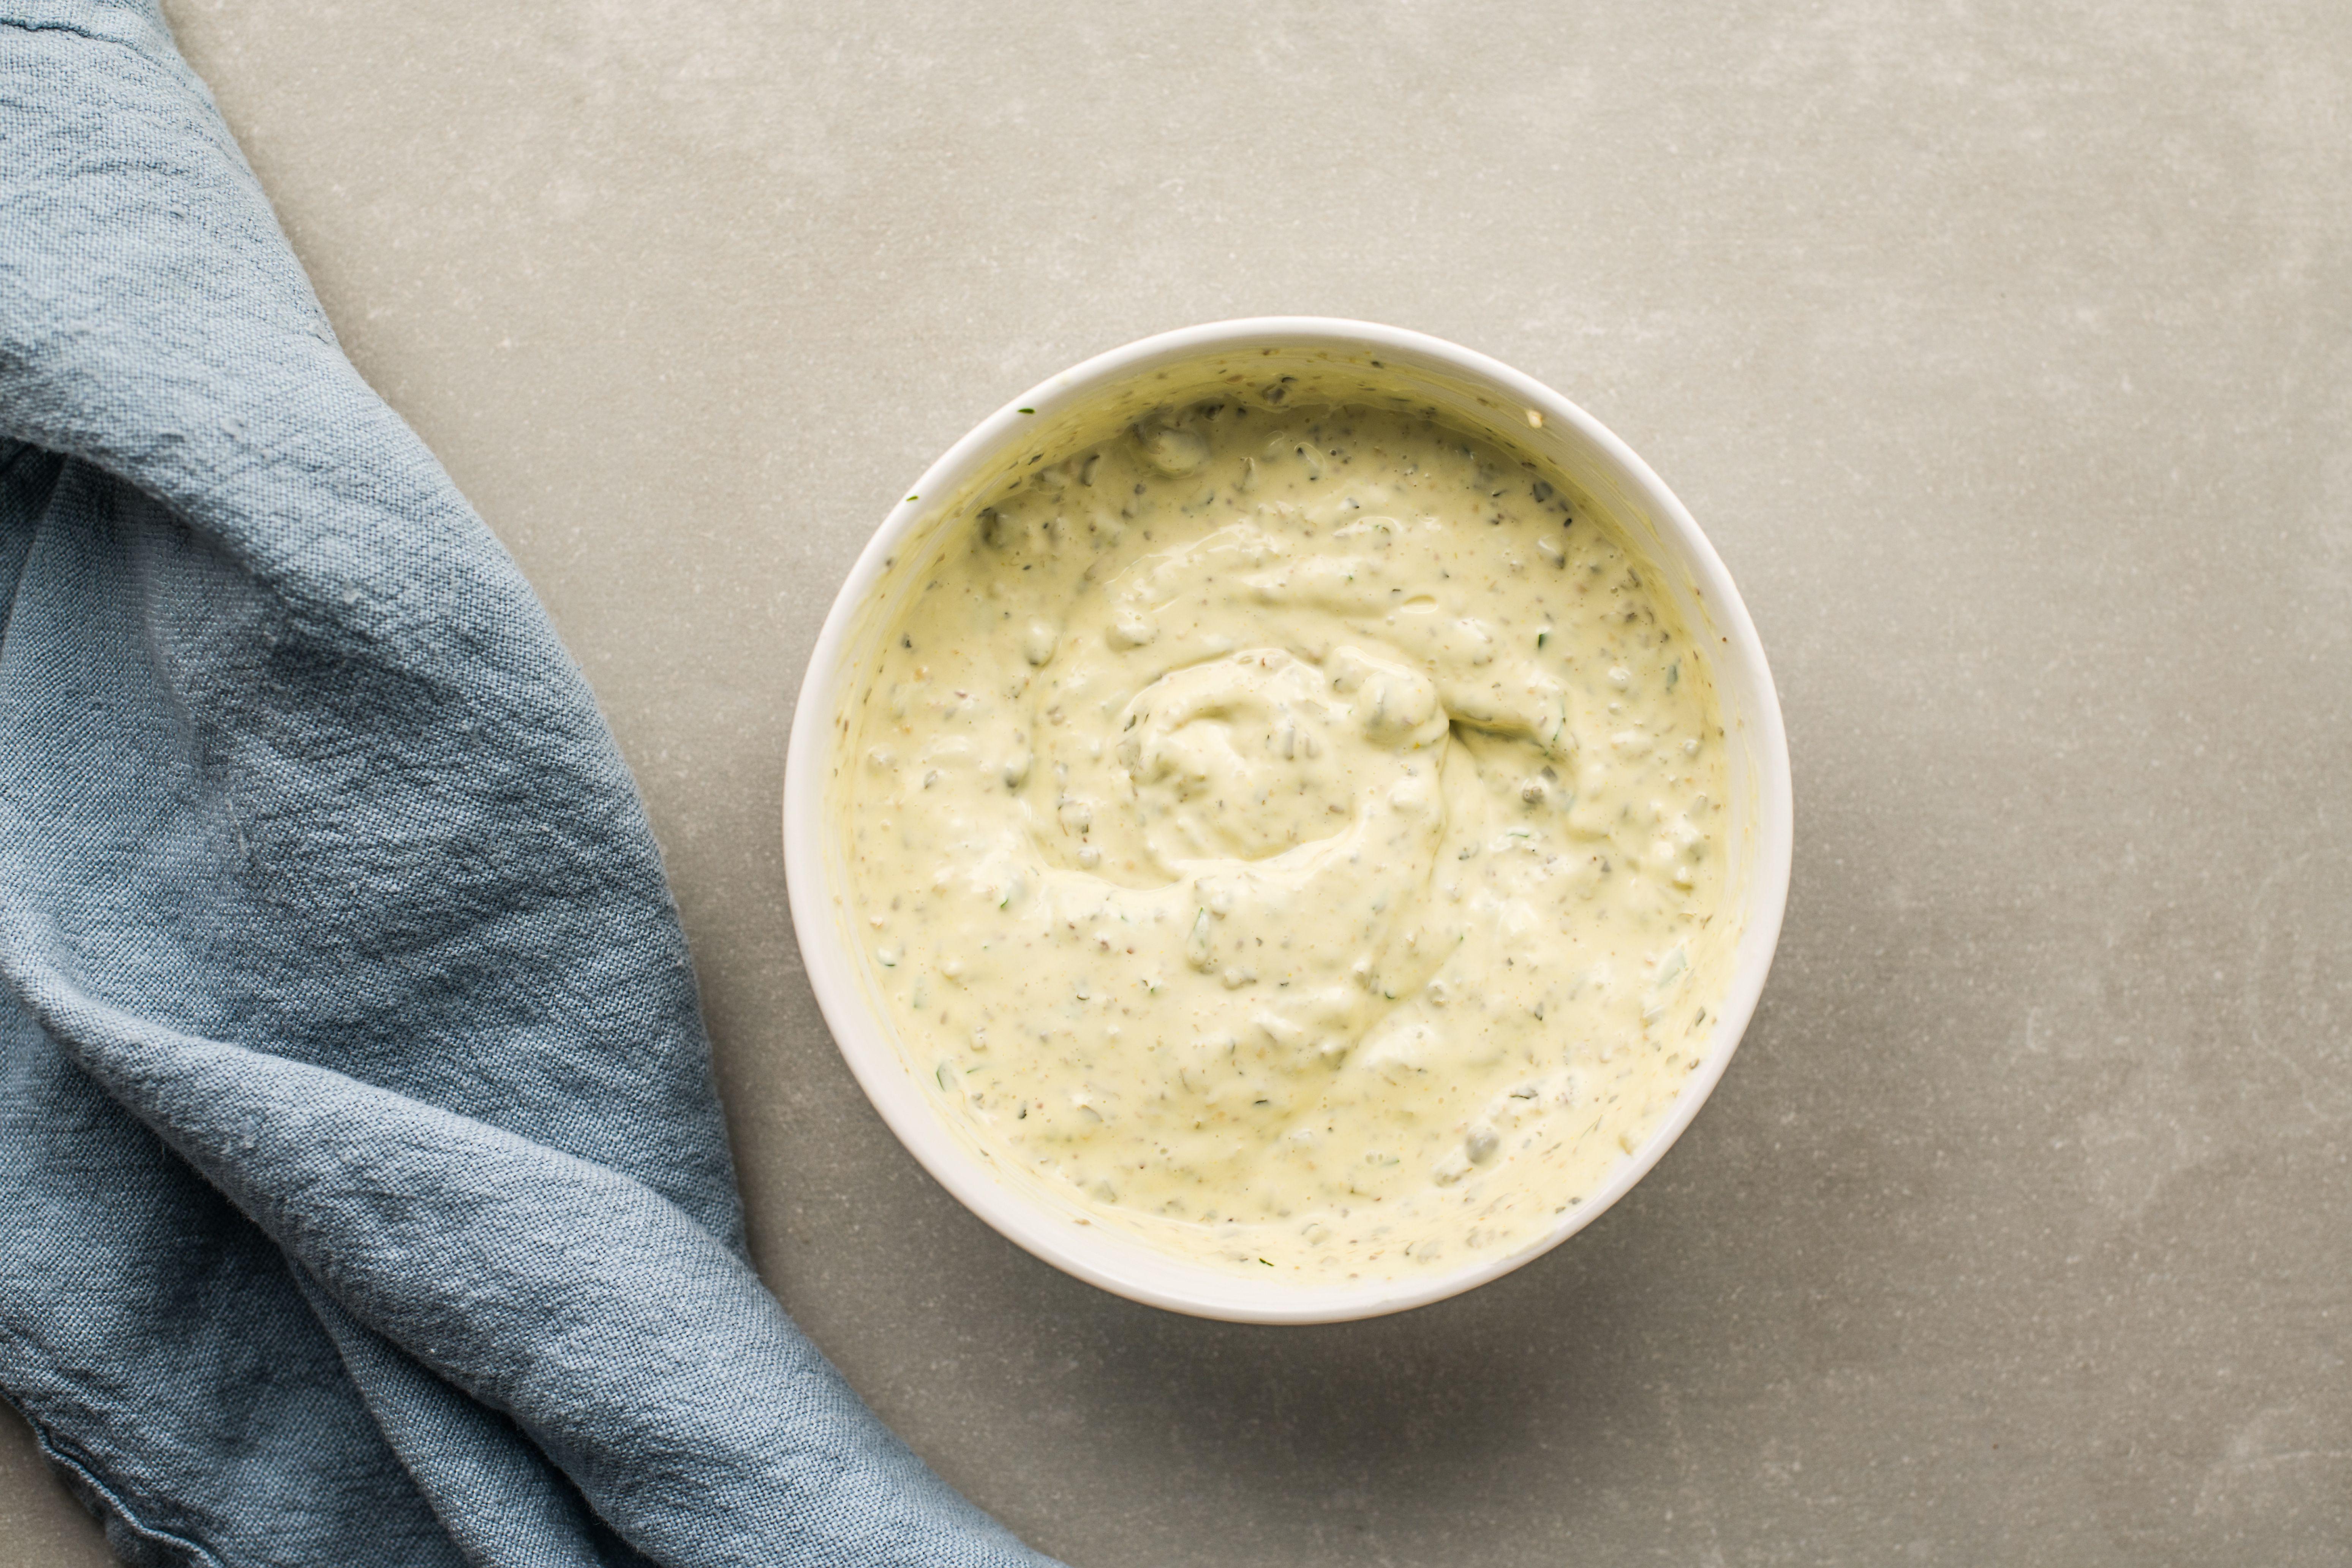 Combine mayo and cornichon